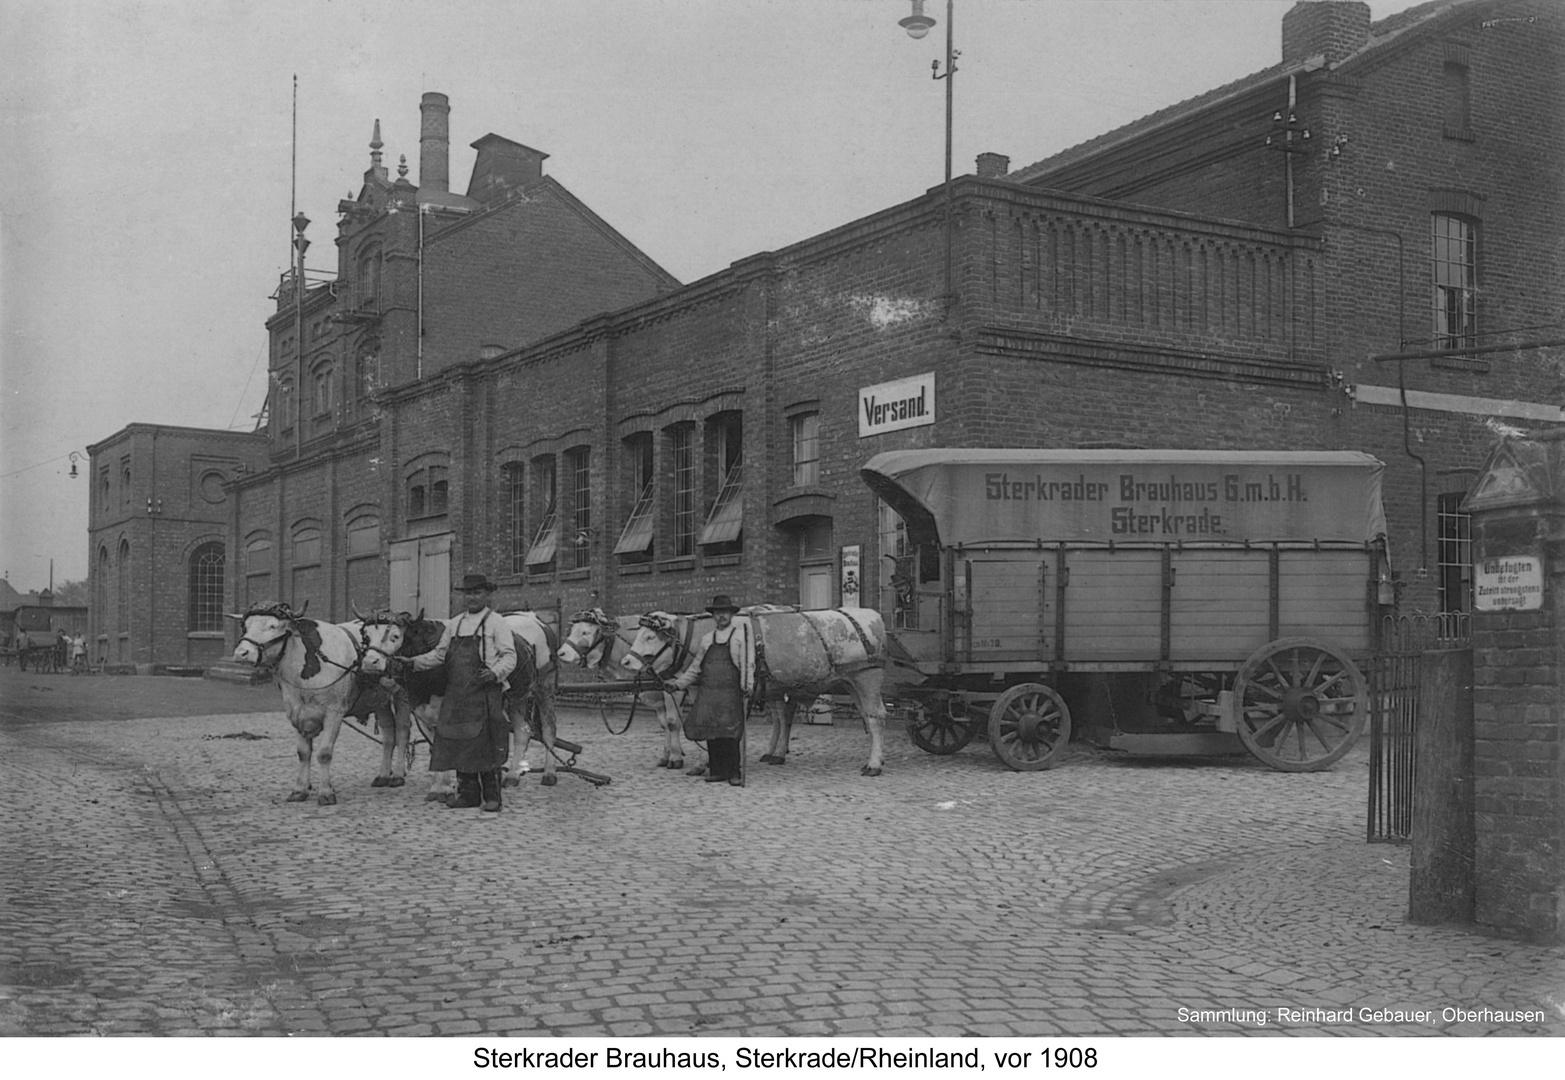 Sterkrade, Sterkrader Brauhaus, vor 1908